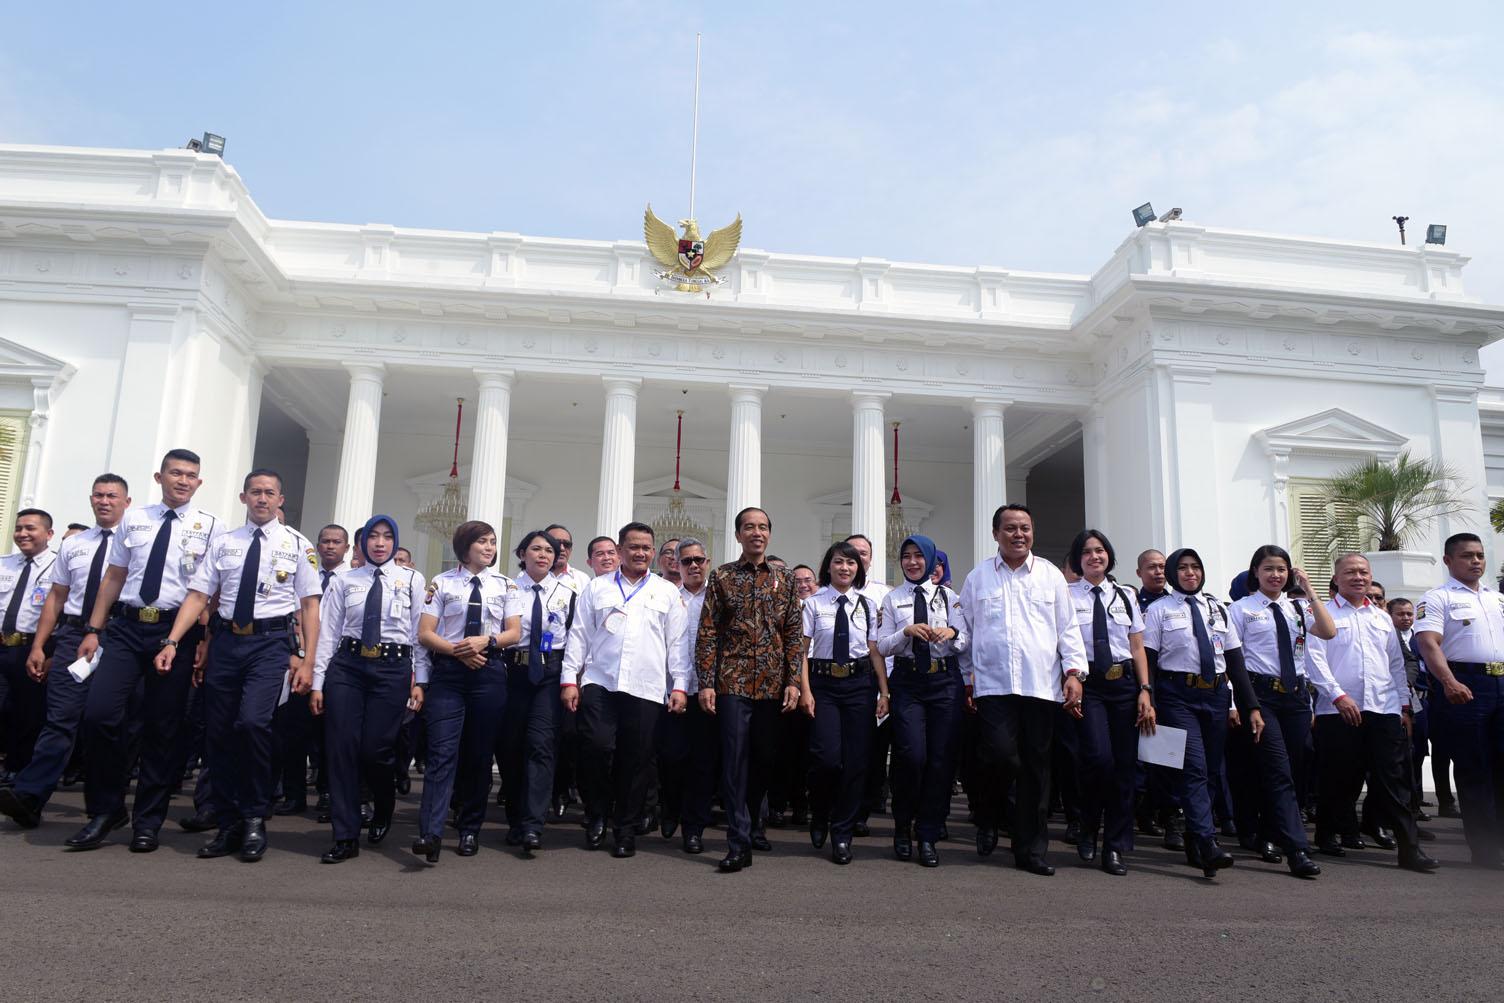 Sertifikasi Satpam Rp 10 Juta, Jokowi Nilai Itu Mahal